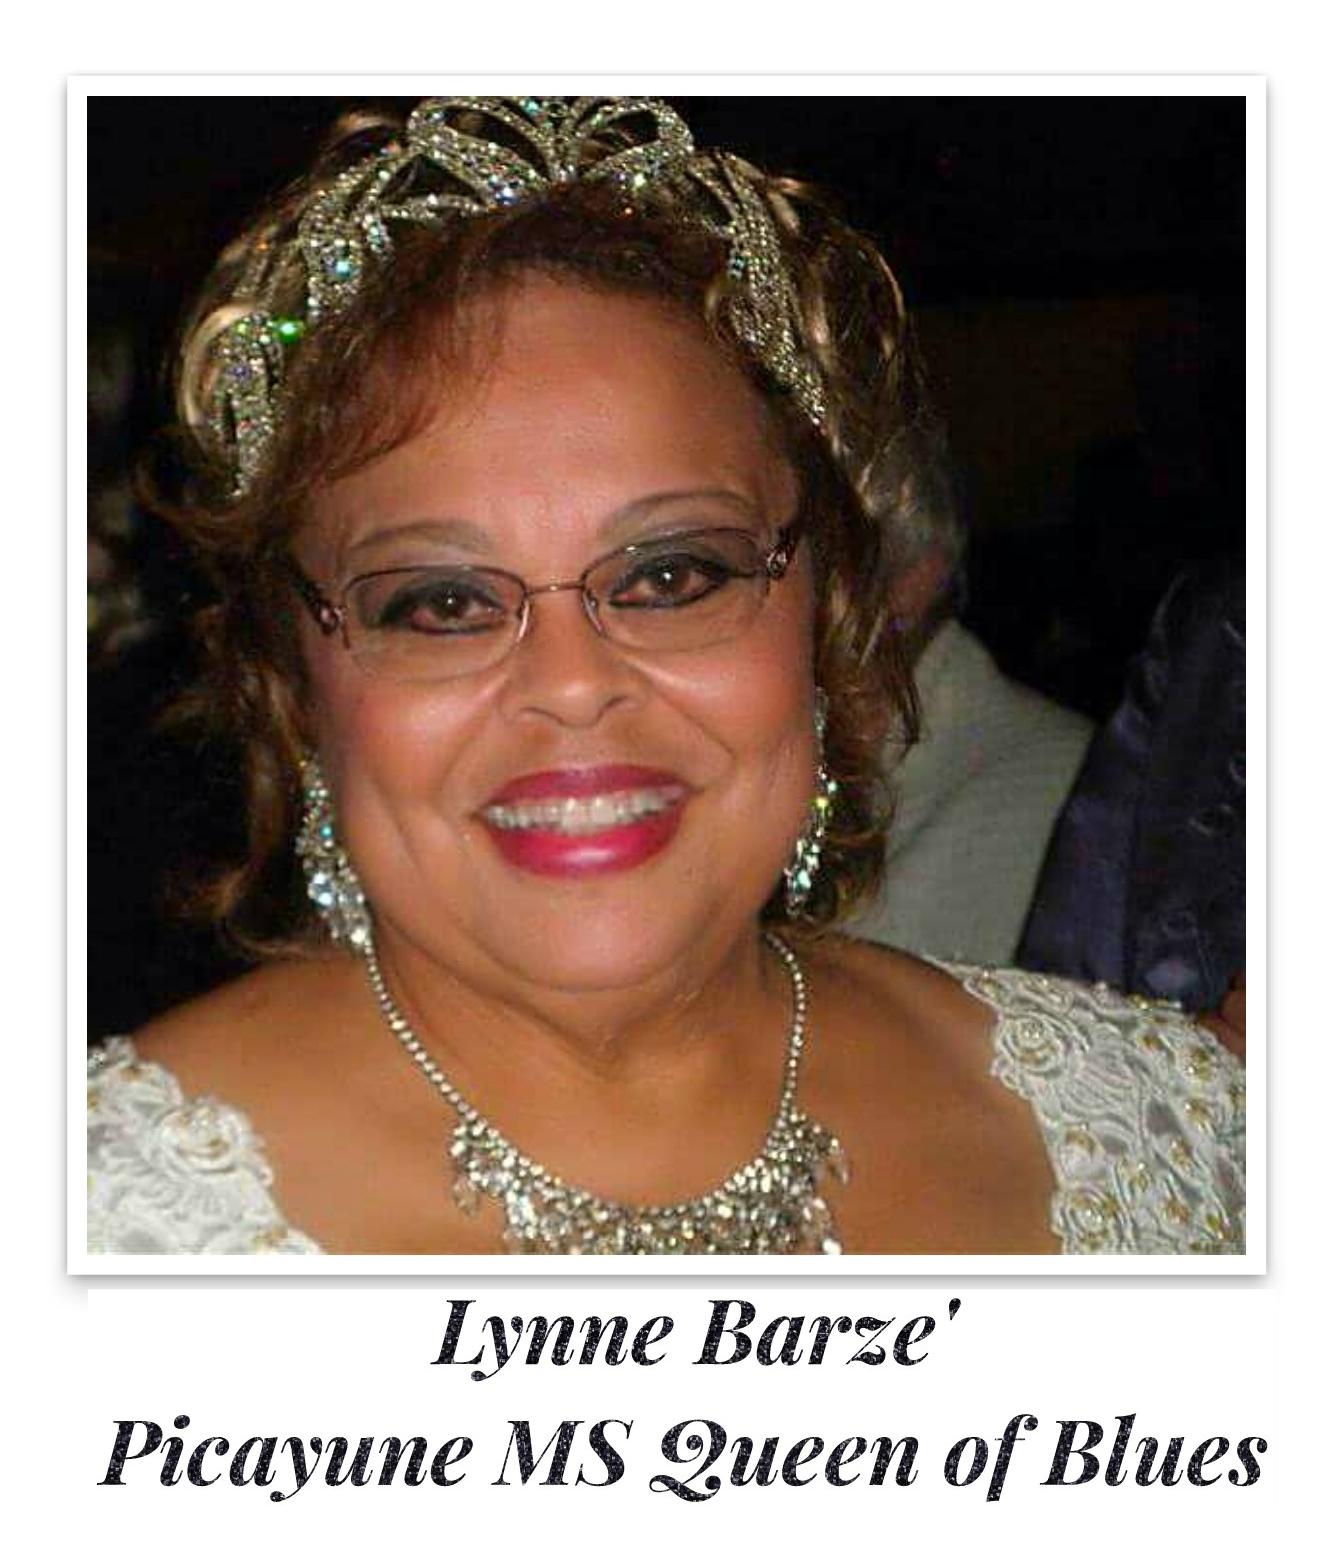 Lynne Barze